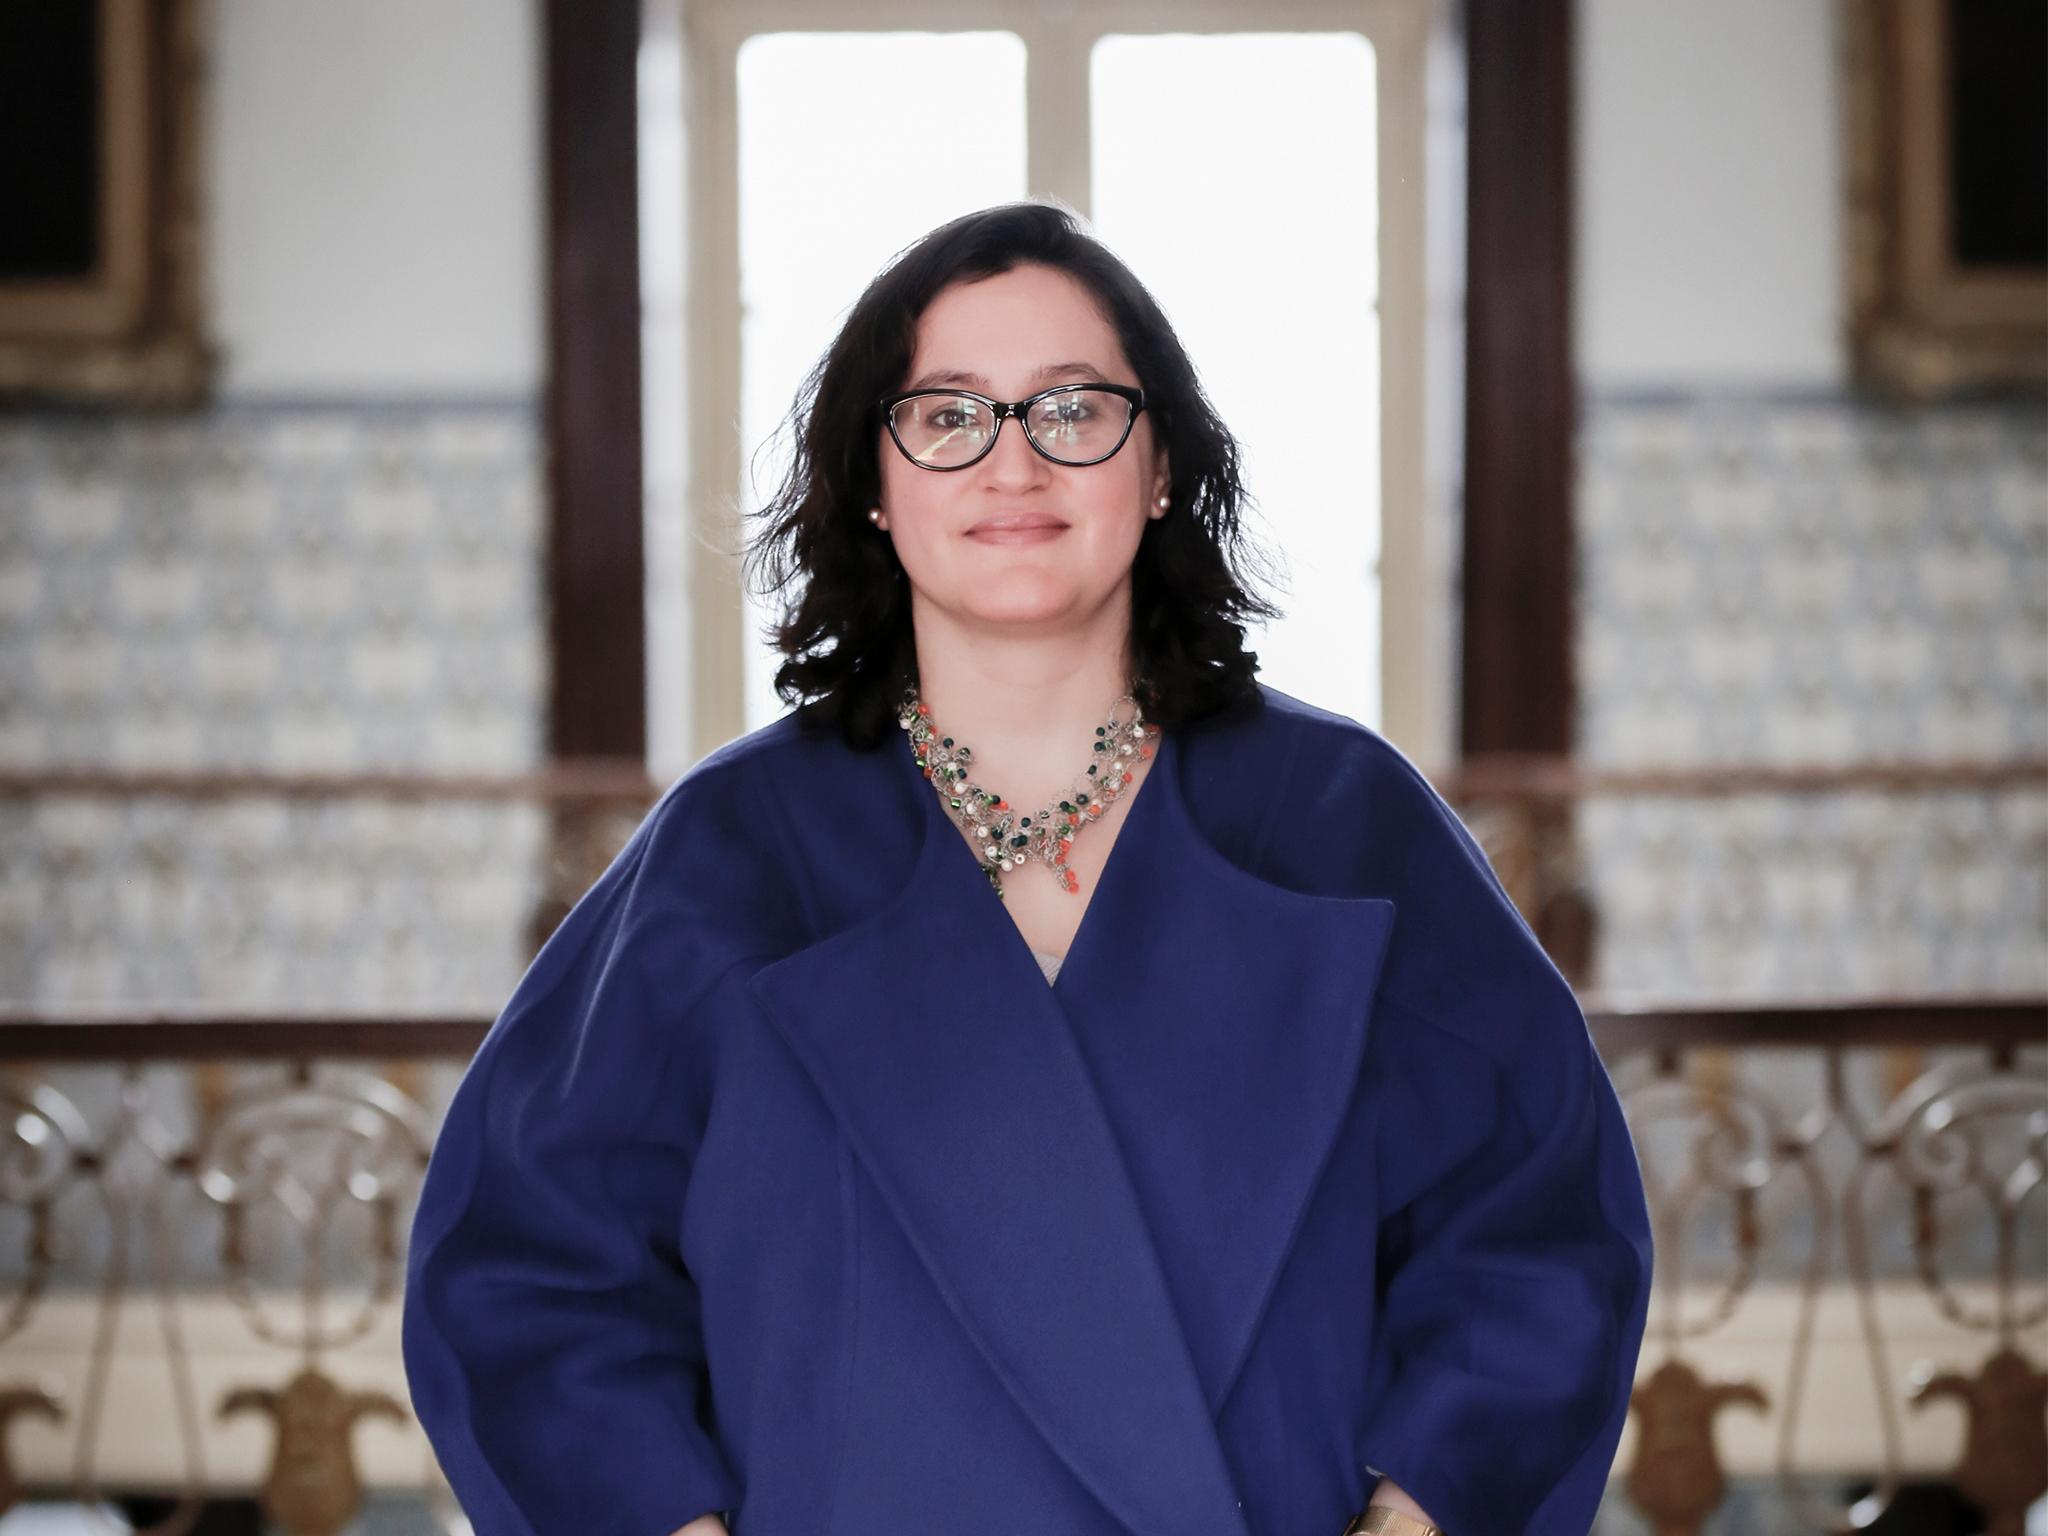 Mónica Guerreiro, Presidente da direcção do Coliseu do Porto